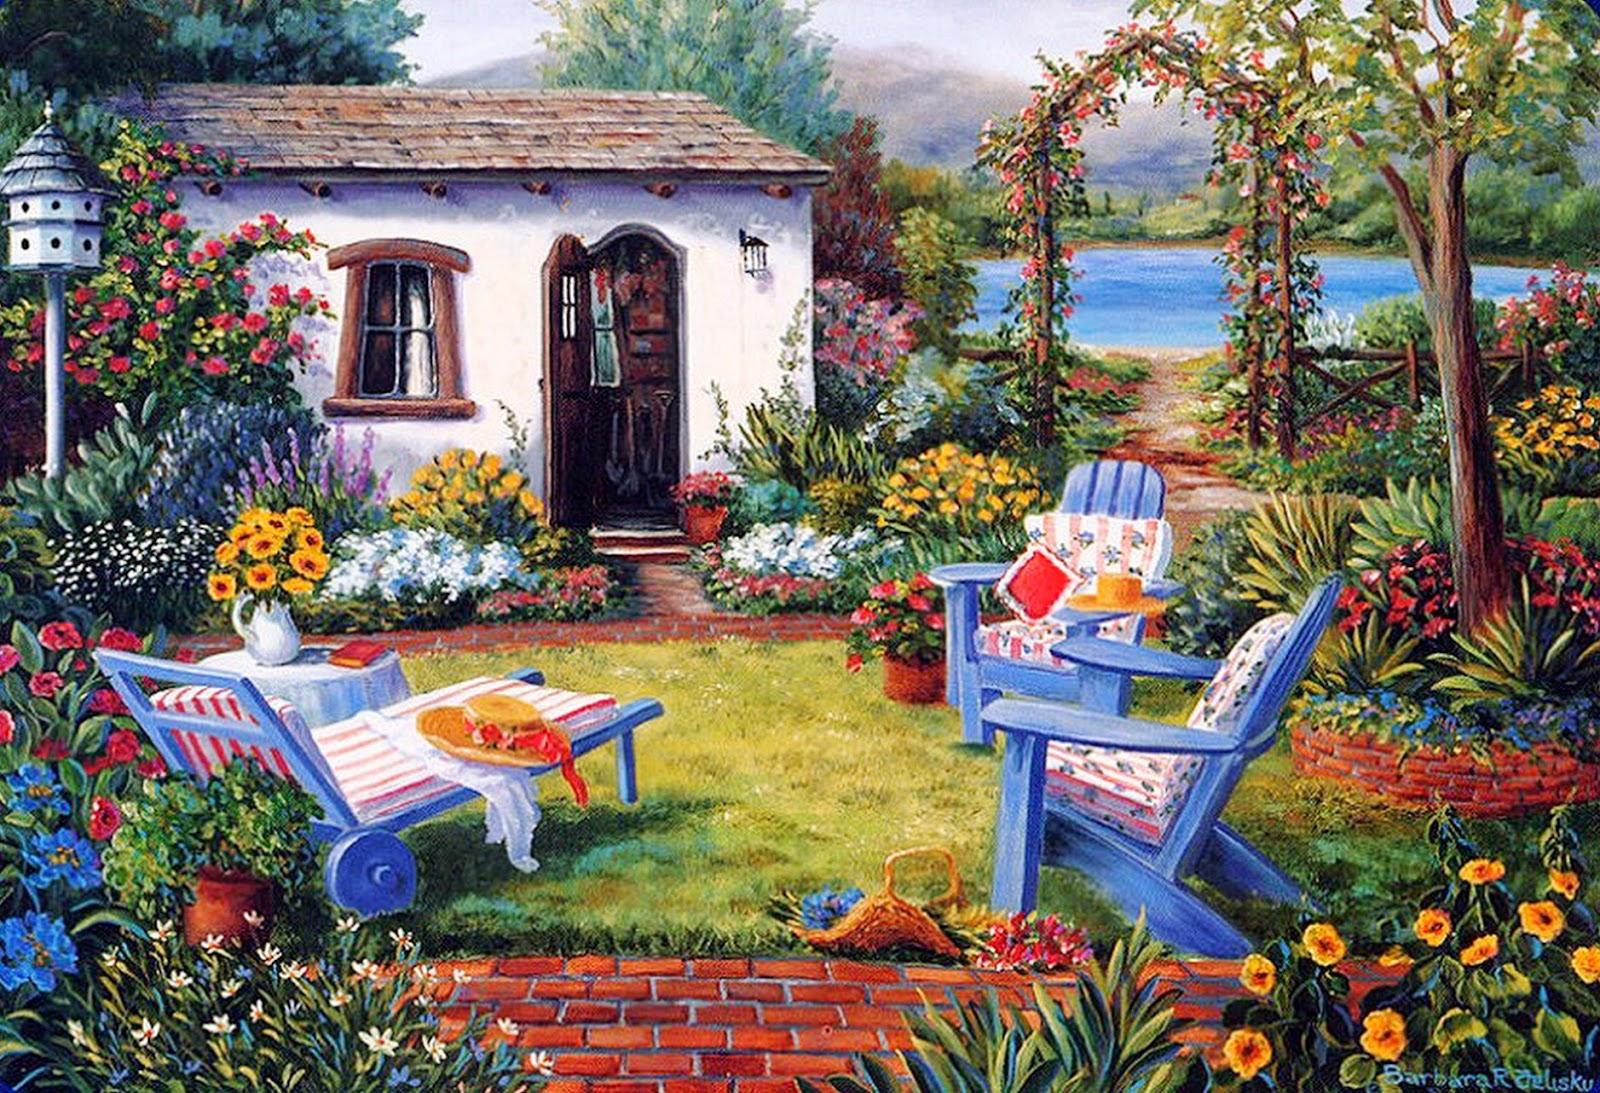 Im genes arte pinturas paisajes con jardines y flores for Fotos de jardines